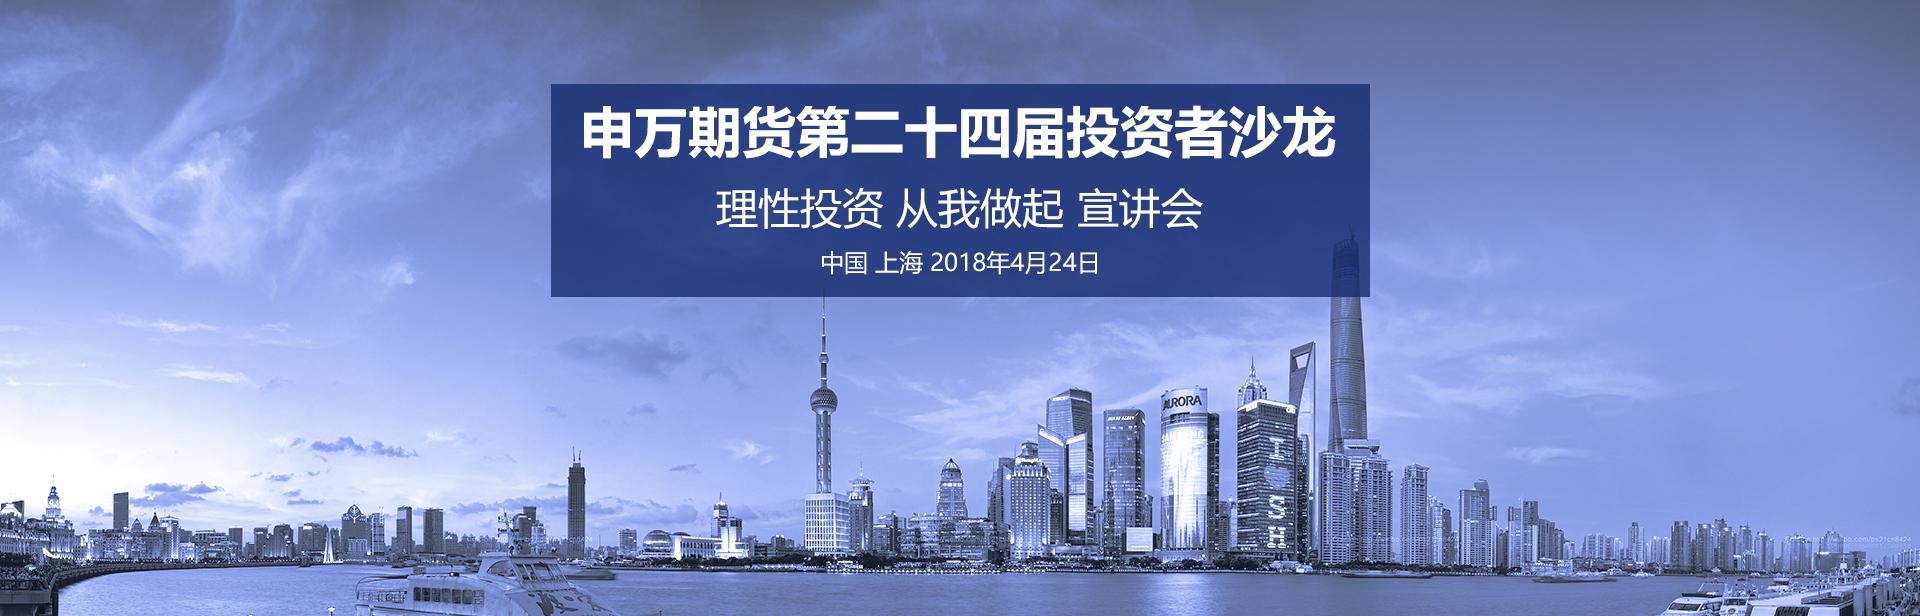 申万期货第二十四届机构投资者沙龙-点掌传媒投资者教育基地